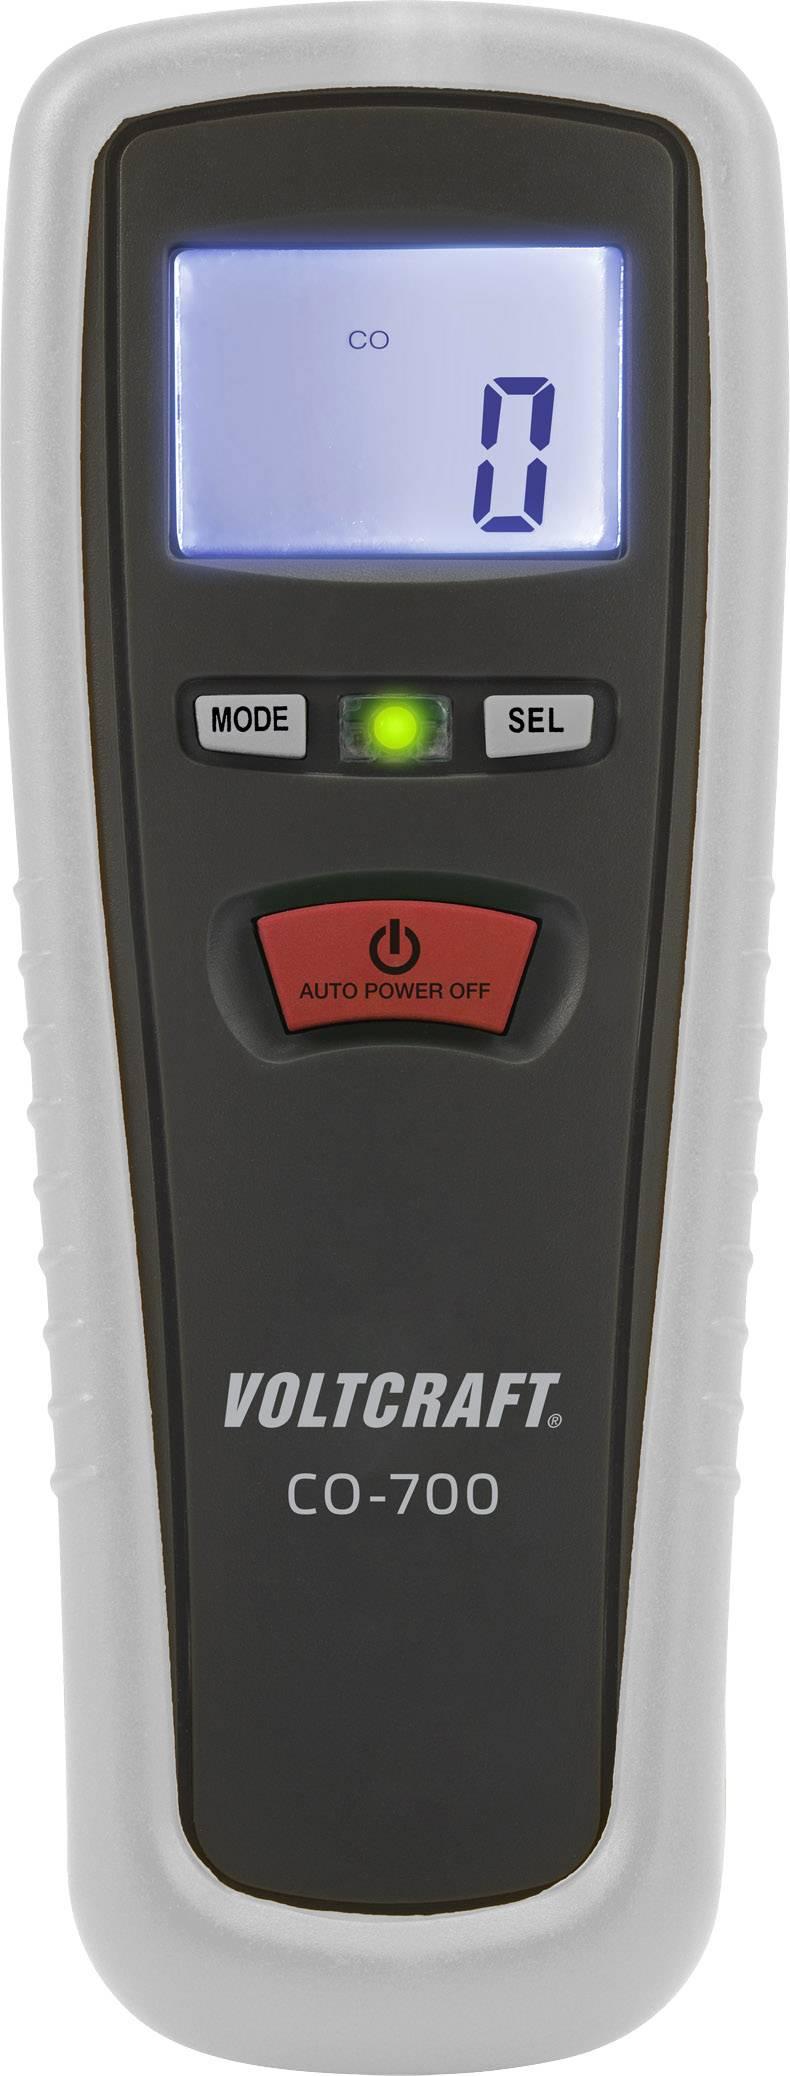 Měřič oxidu uhelnatého (CO) VOLTCRAFT CO-700, 0 - 1000 ppm